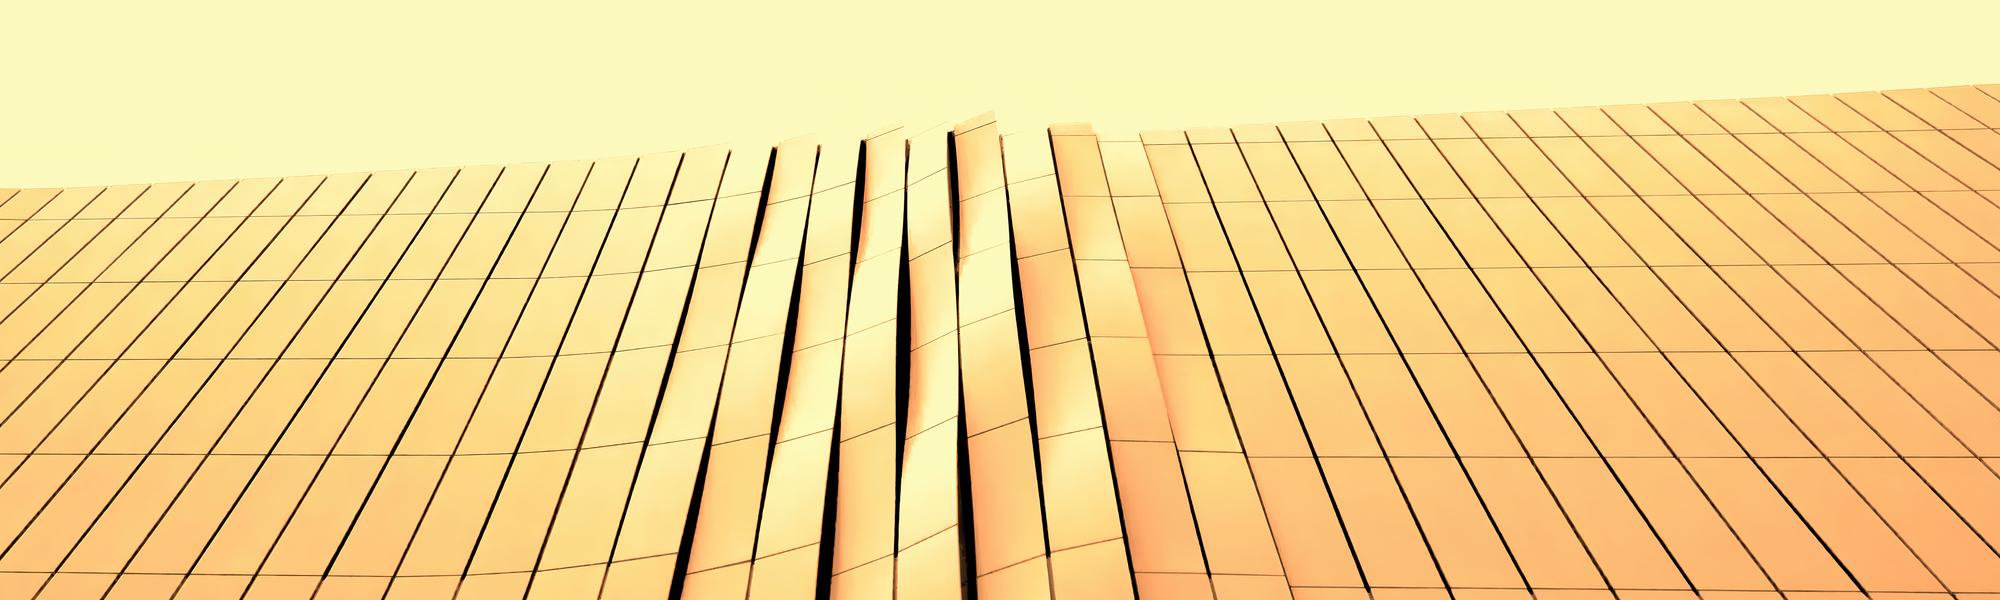 Elysium Gallery Image